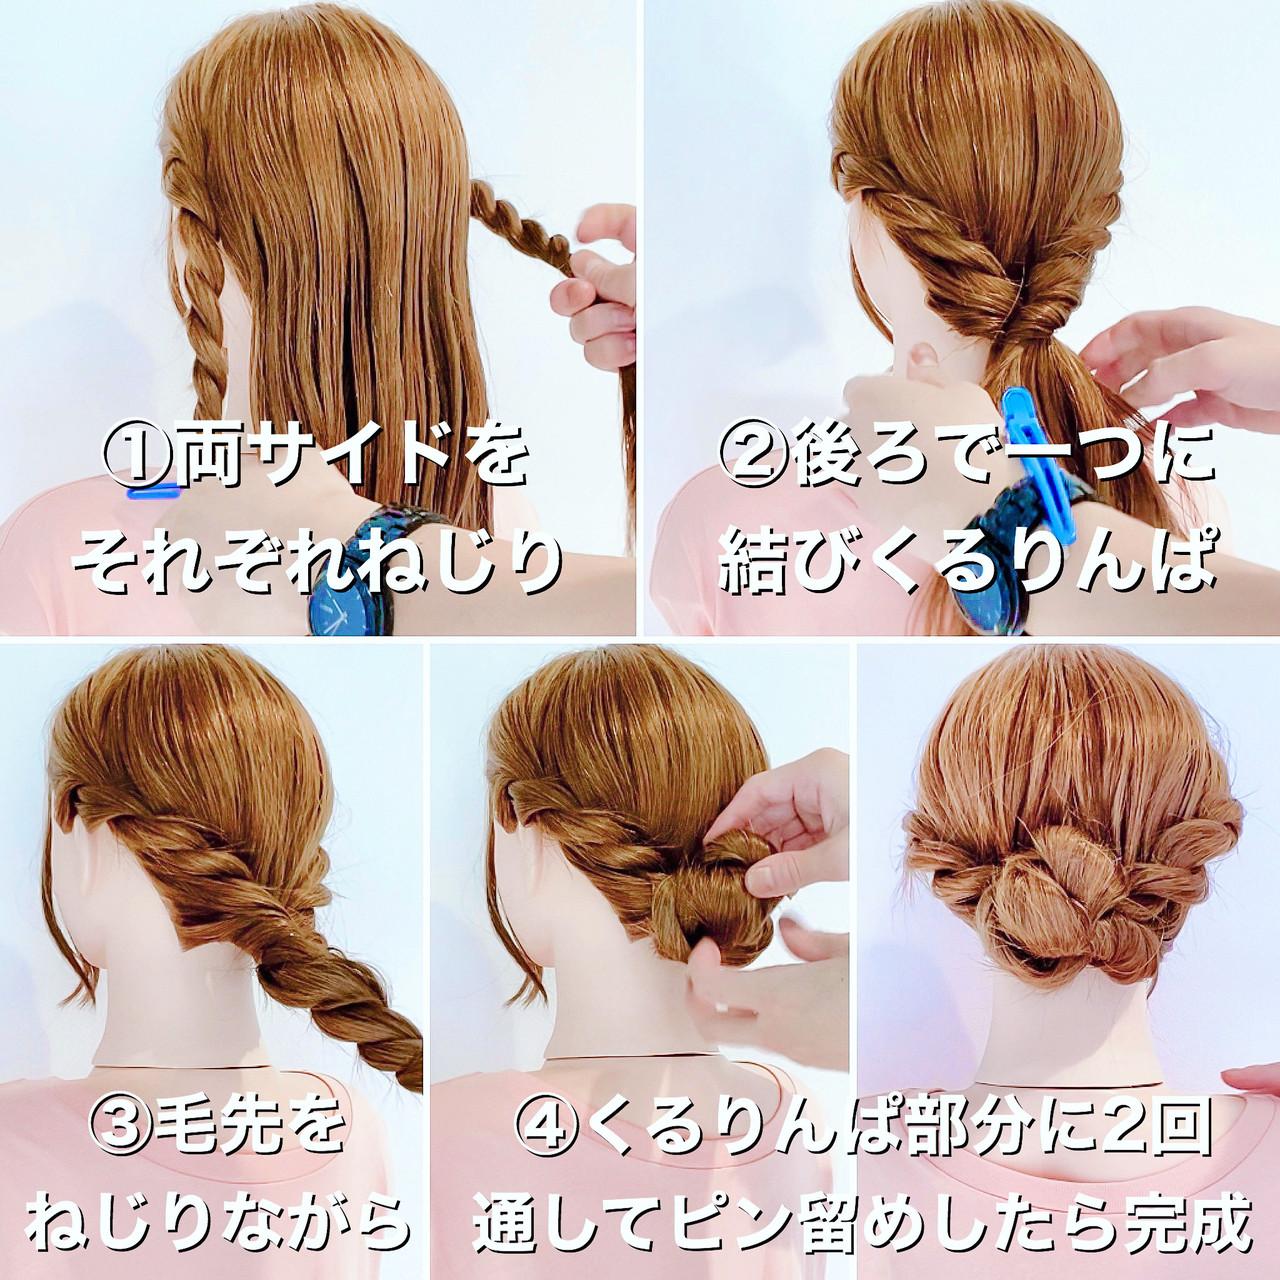 くるりんぱ セルフヘアアレンジ ヘアアレンジ エレガント ヘアスタイルや髪型の写真・画像